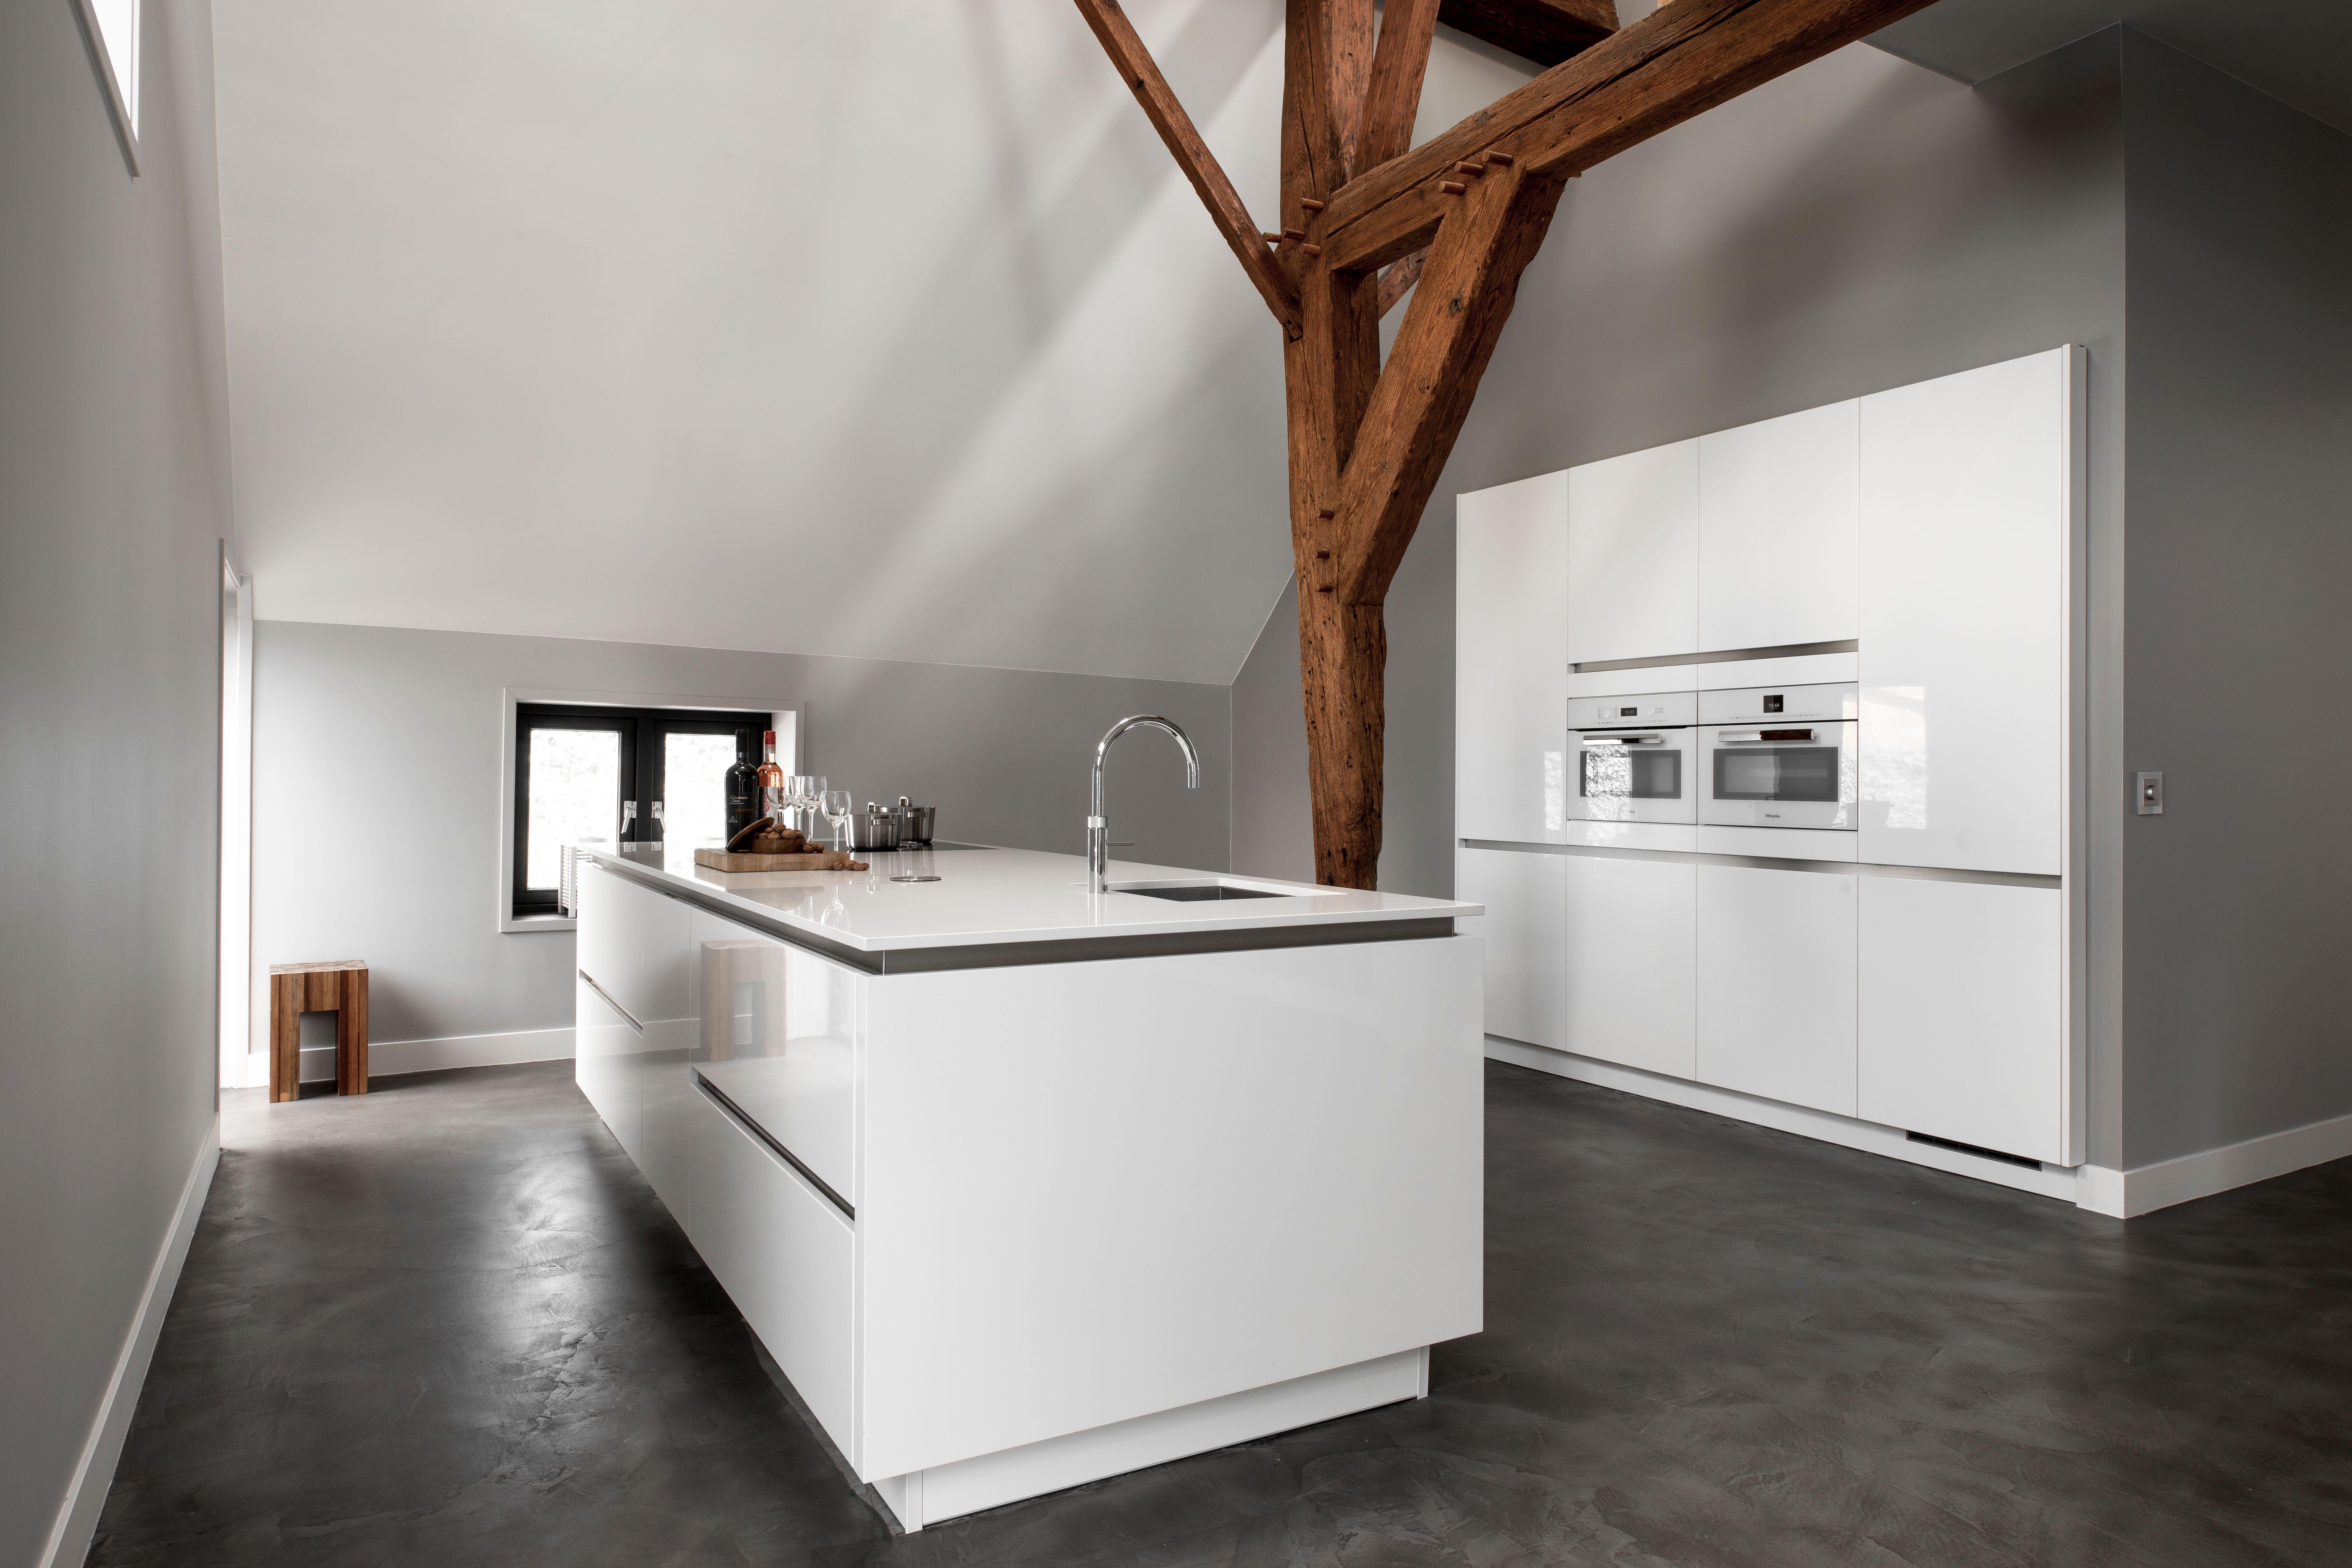 Witte Keuken Ervaring : Deze witte keuken is overzichtelijk en strak van vormgeving voor